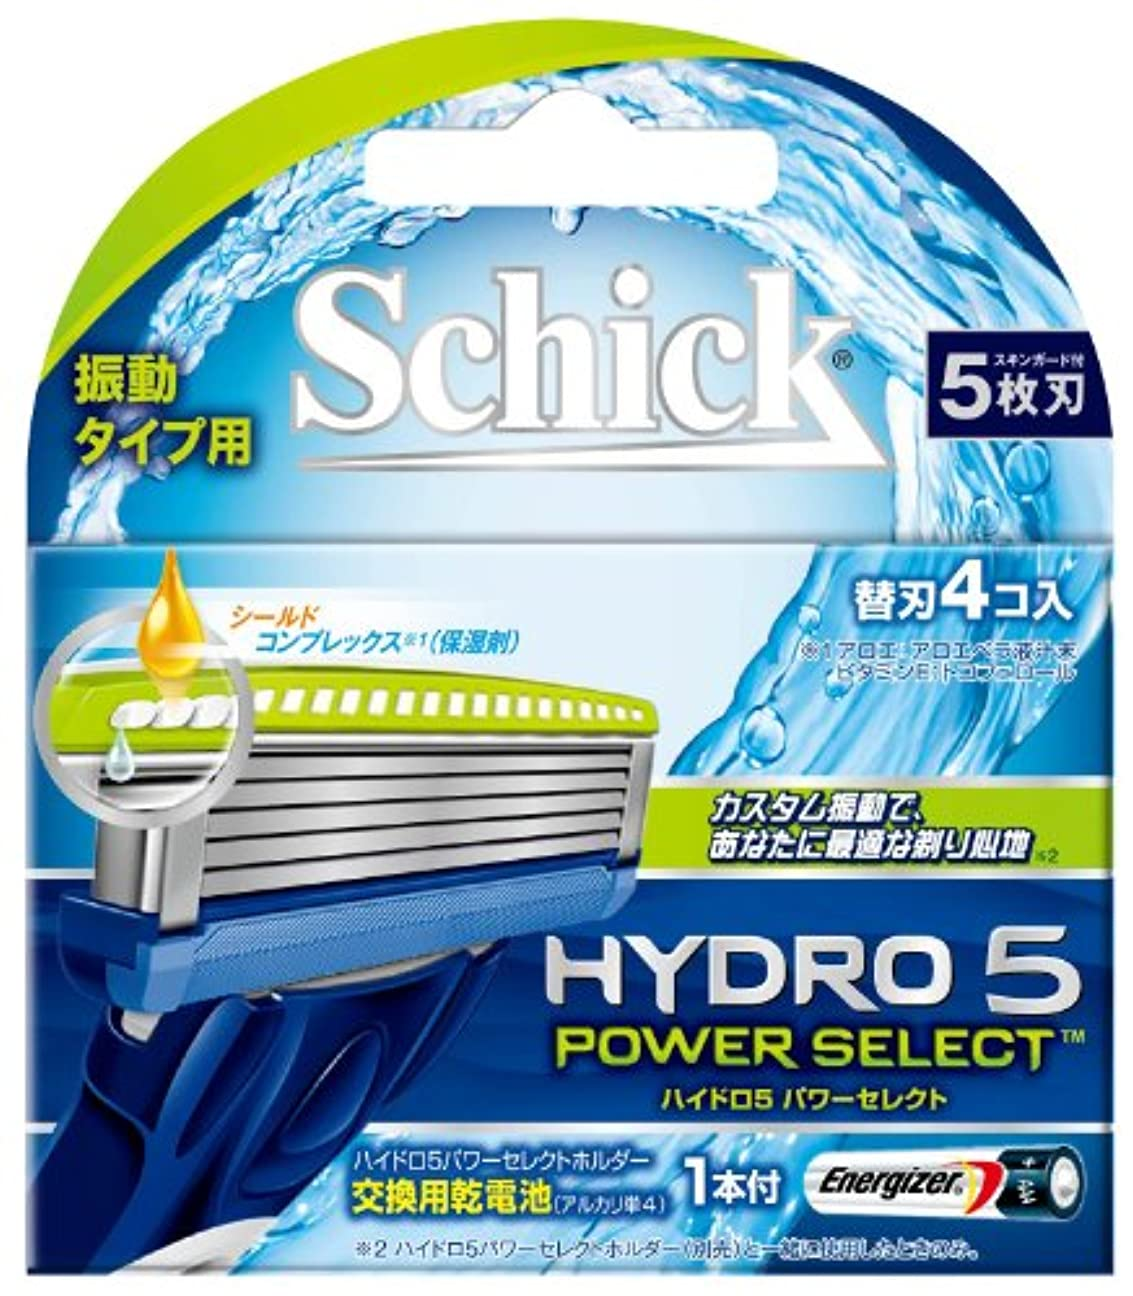 ワークショップ病気プレビスサイトシック ハイドロ5 パワーセレクト 替刃(4コ入)